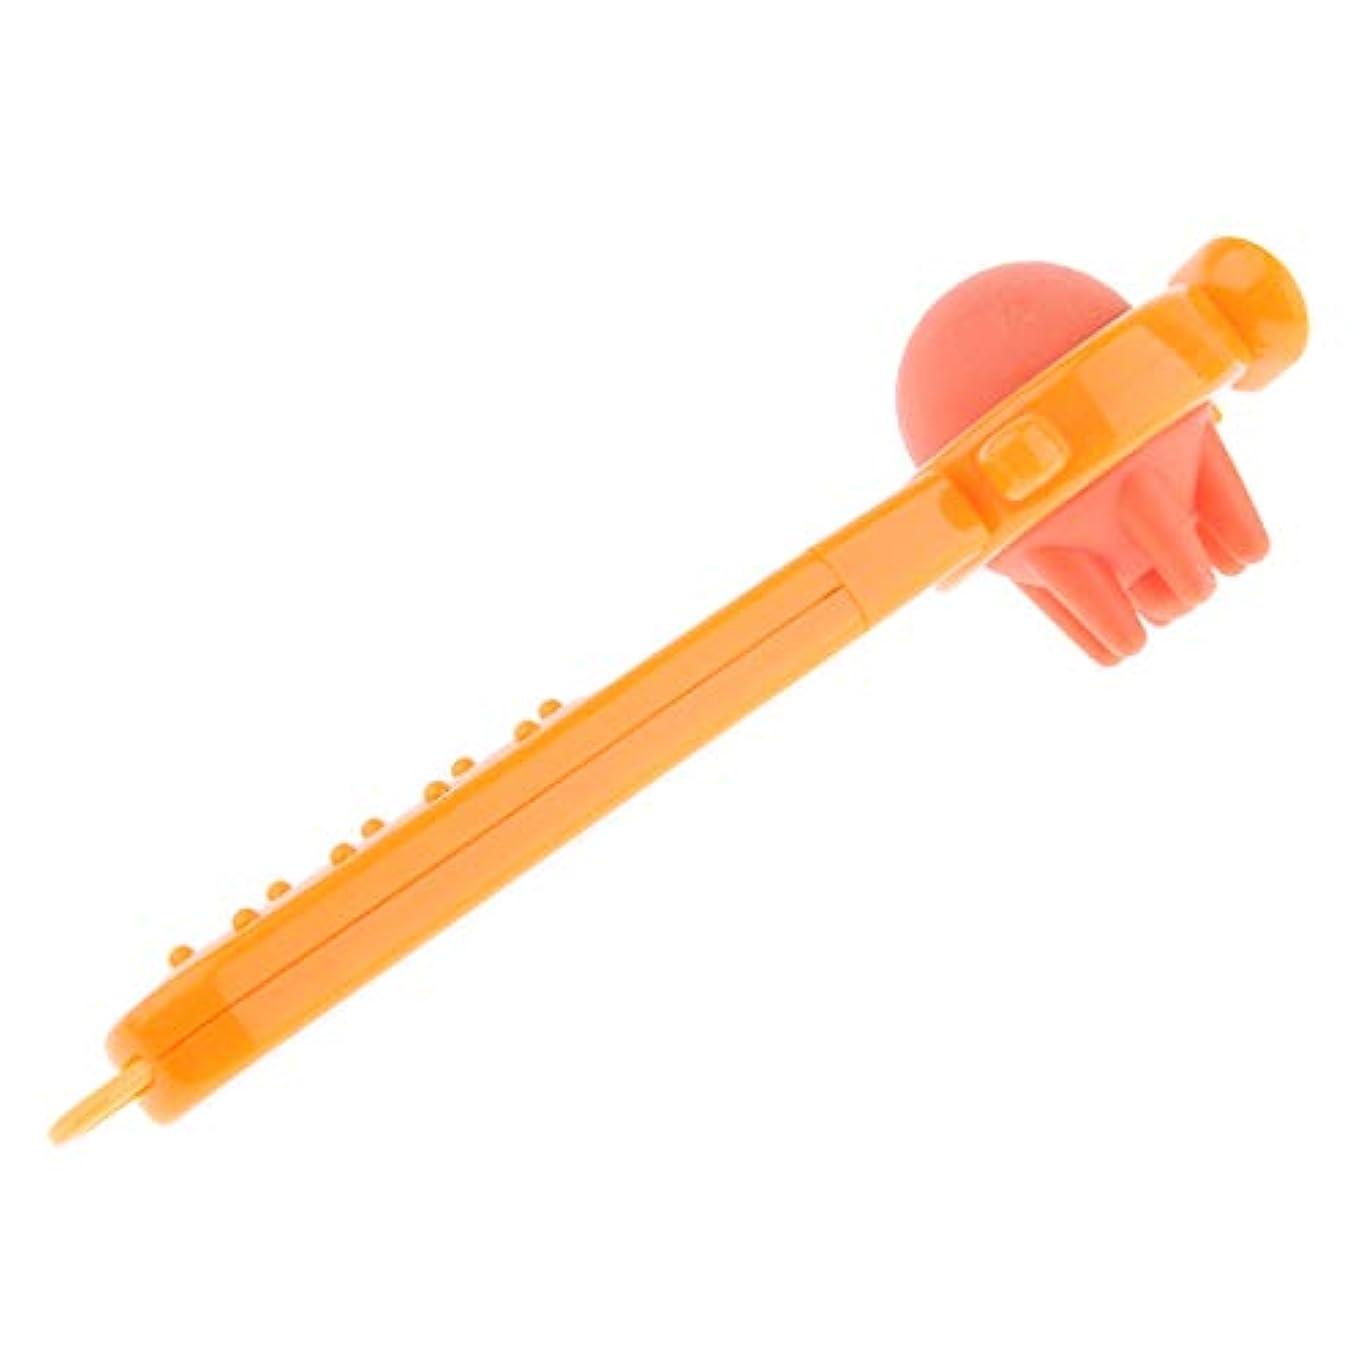 クスクスに賛成用語集FLAMEER 背中/肩/脚/腕/筋肉 大人気 ツボ押しグッズ マッサージ ハンマー スティック 健康器具 オレンジ